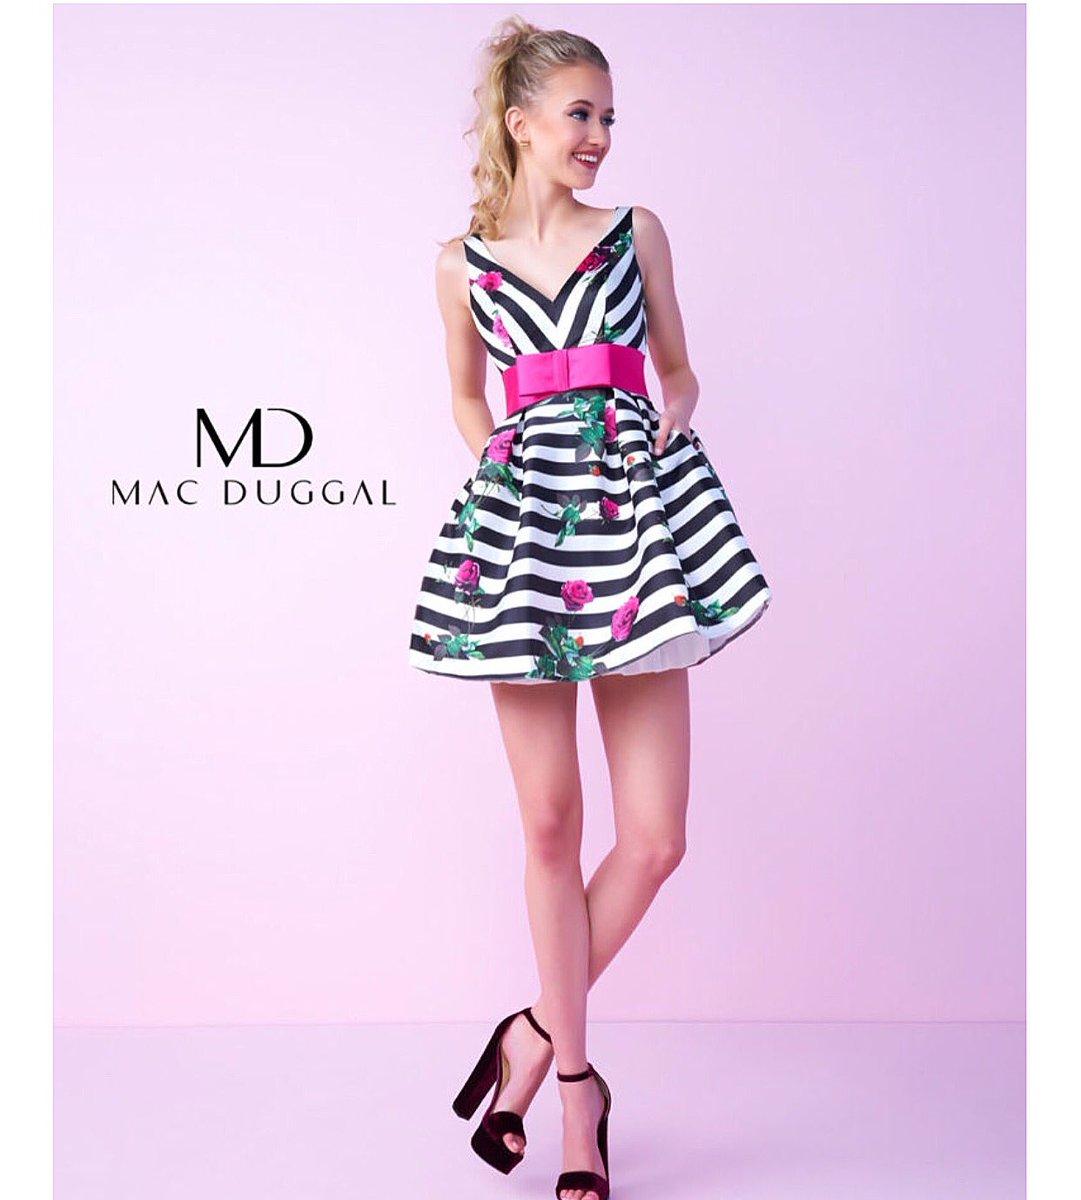 Asombroso Vestidos De Fiesta En Ms Southaven Bosquejo - Ideas de ...